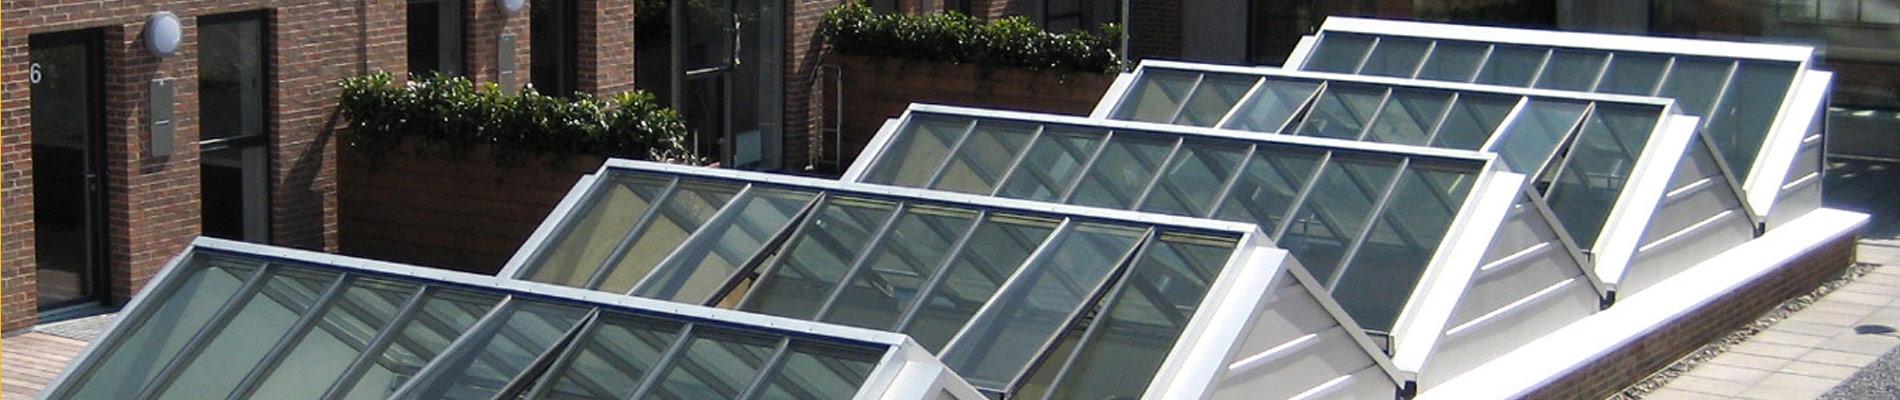 Atrium Verglasung - Lichtbänder oder Sattel-Lichtbänder kombiniert zu einem großen Glasdach